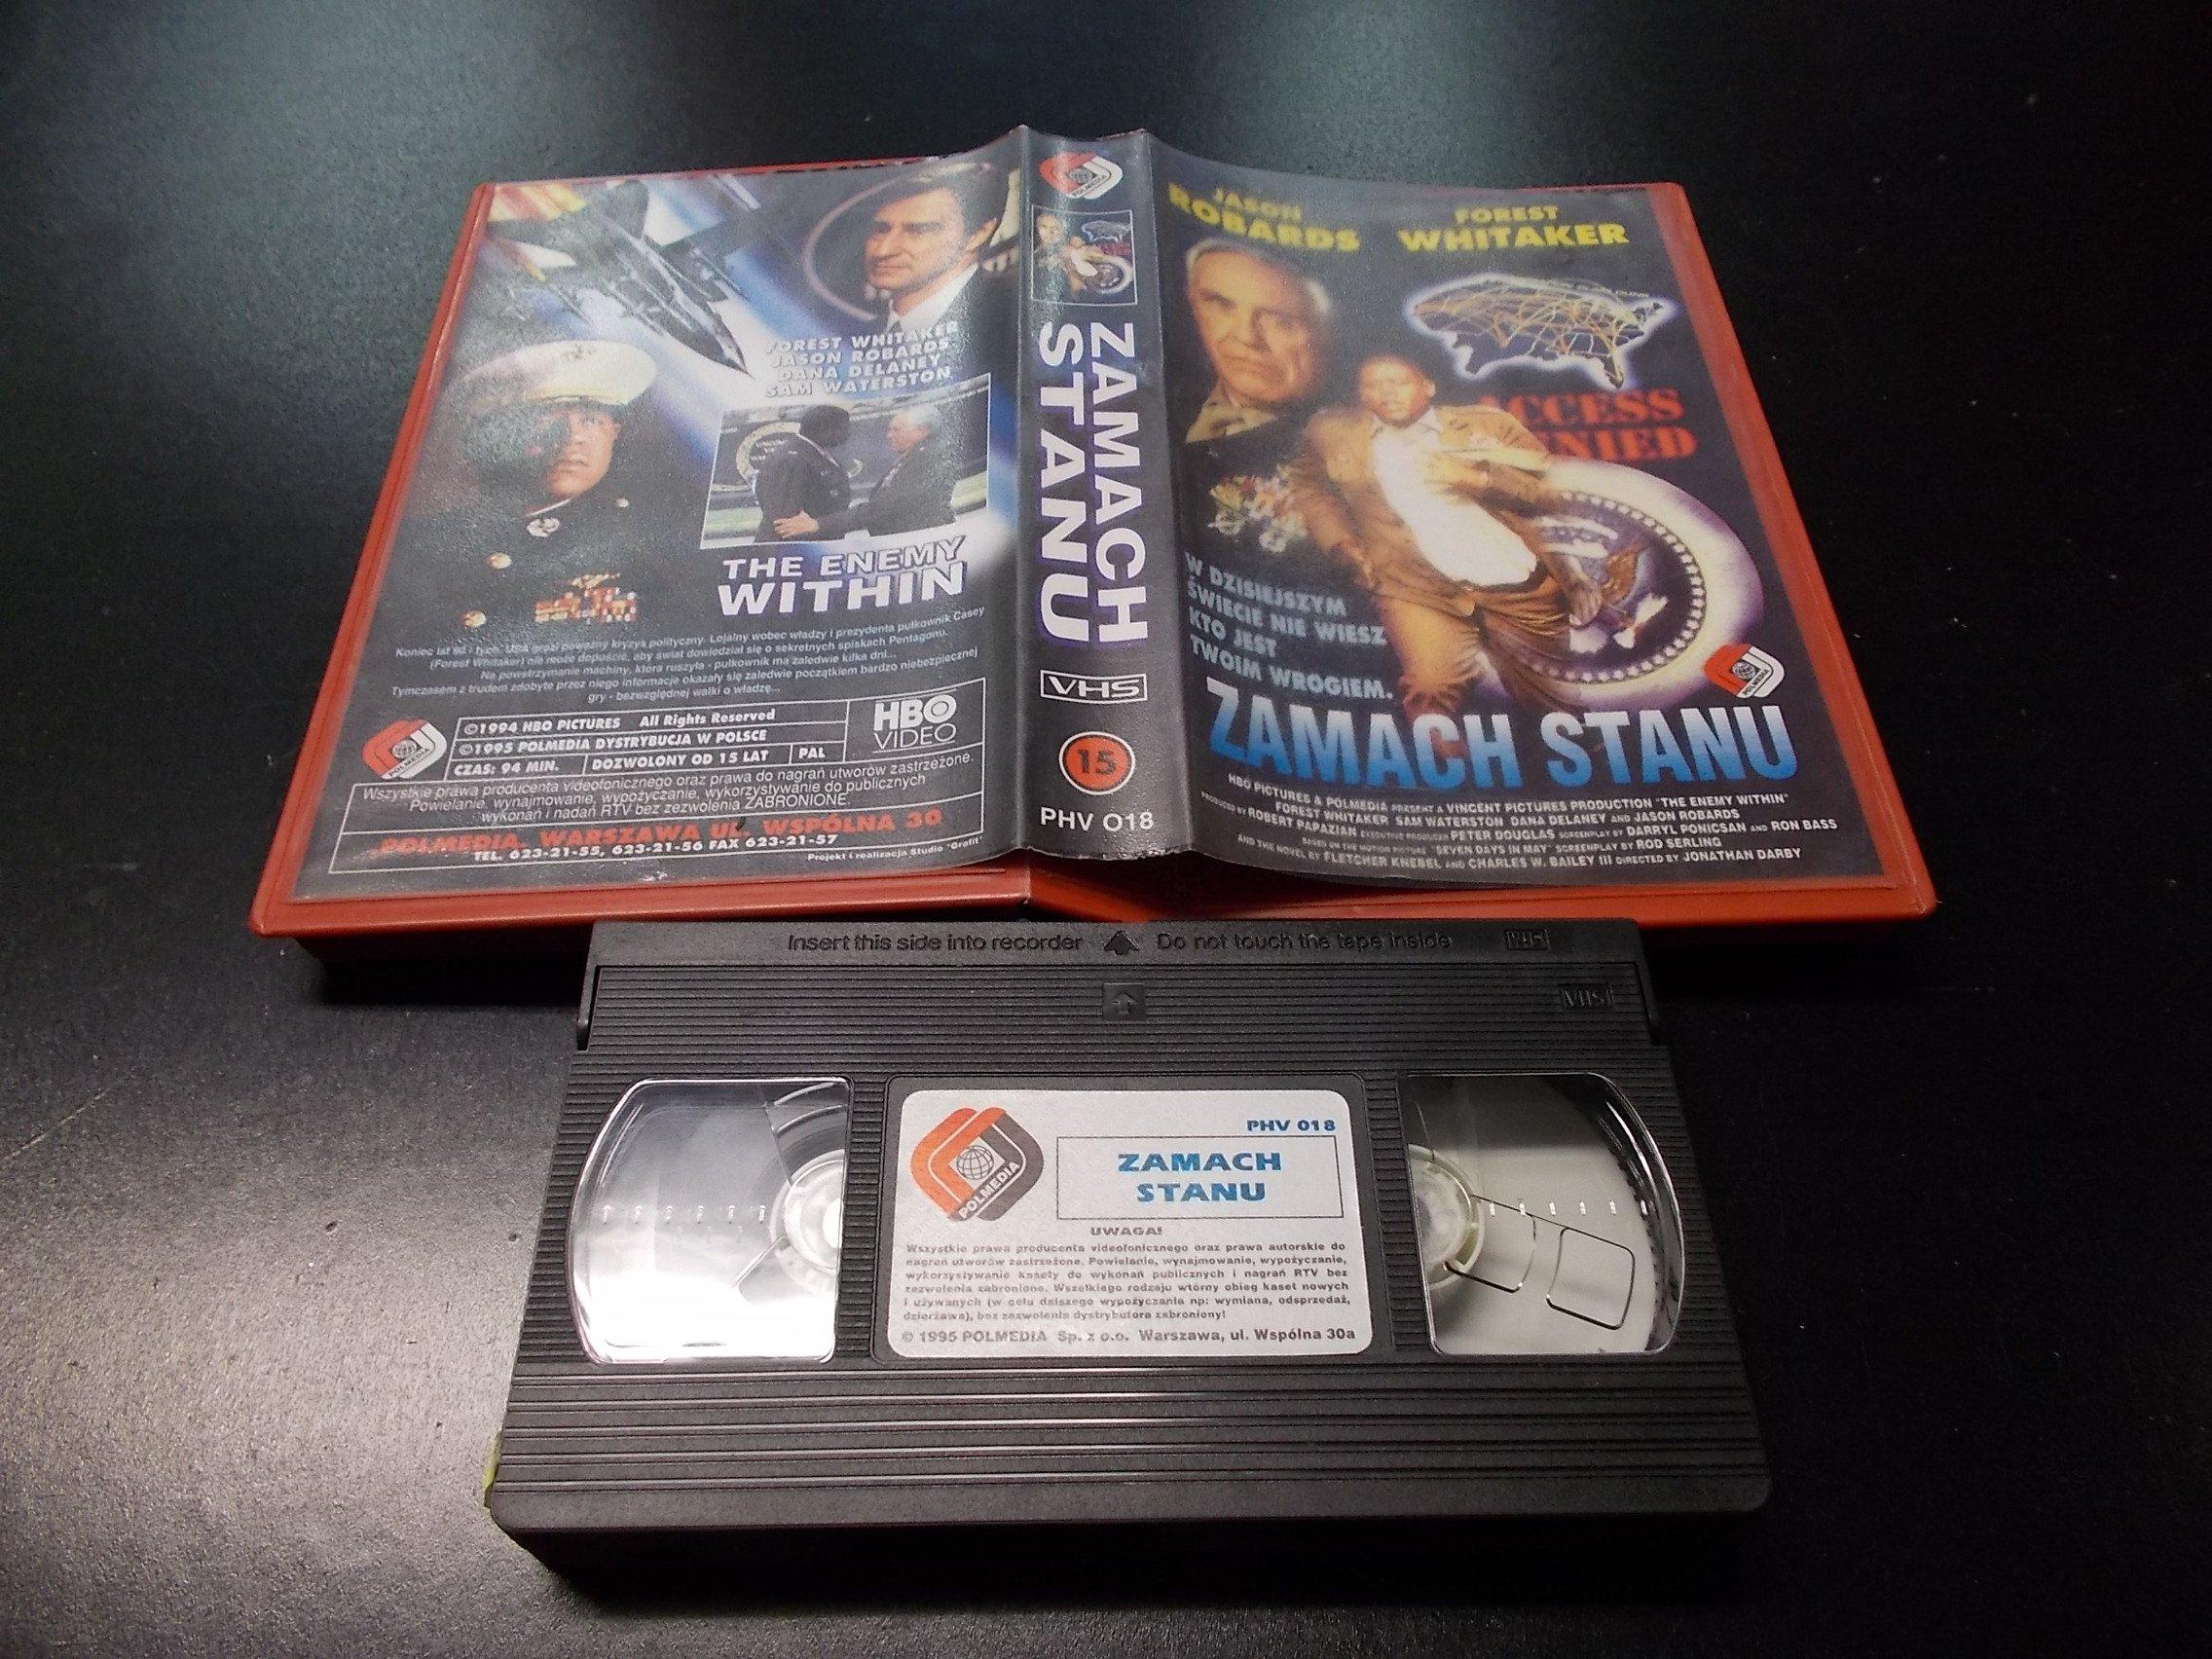 ZAMACH STANU -  kaseta VHS - 1223 Opole - AlleOpole.pl